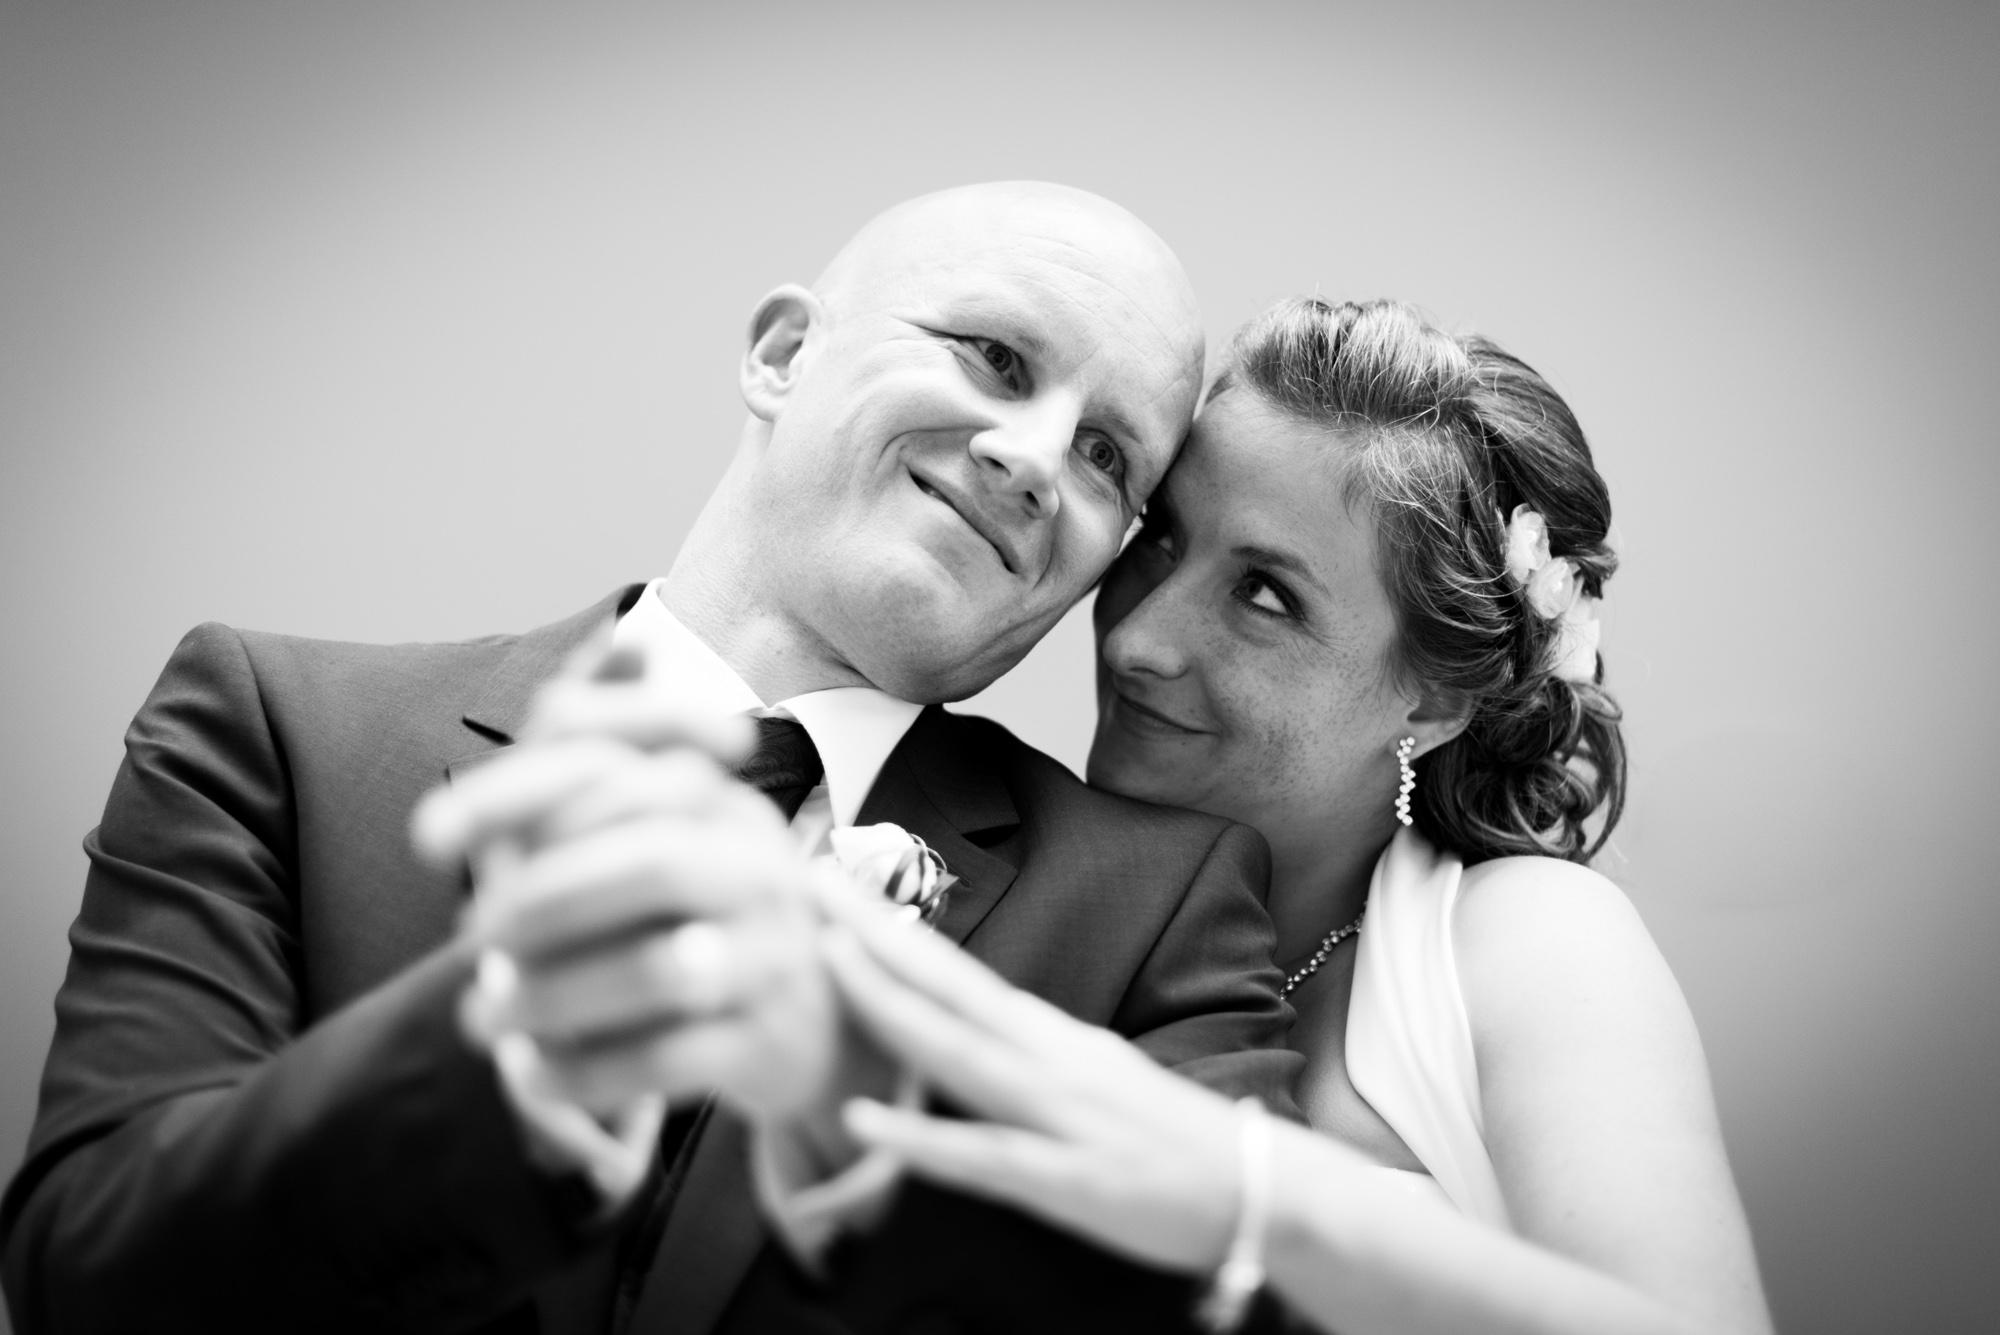 Fotograf Konstanz - Hochzeit Katja und Christian 121 - Als Hochzeitsfotograf in Bad Dürrheim unterwegs  - 47 -